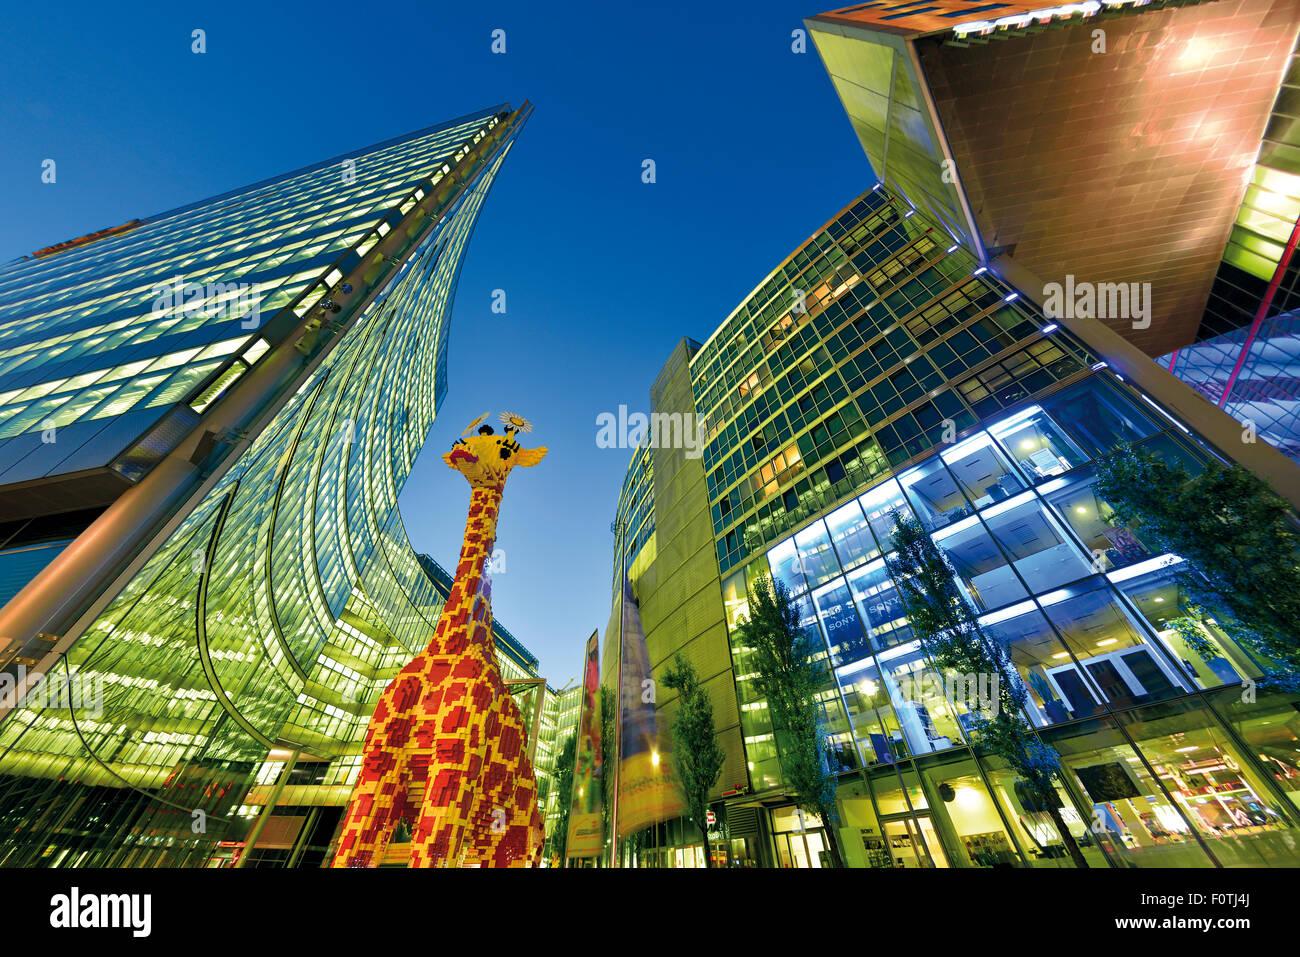 Germania Berlino: architettura contemporanea a Potsdam Square di notte Immagini Stock